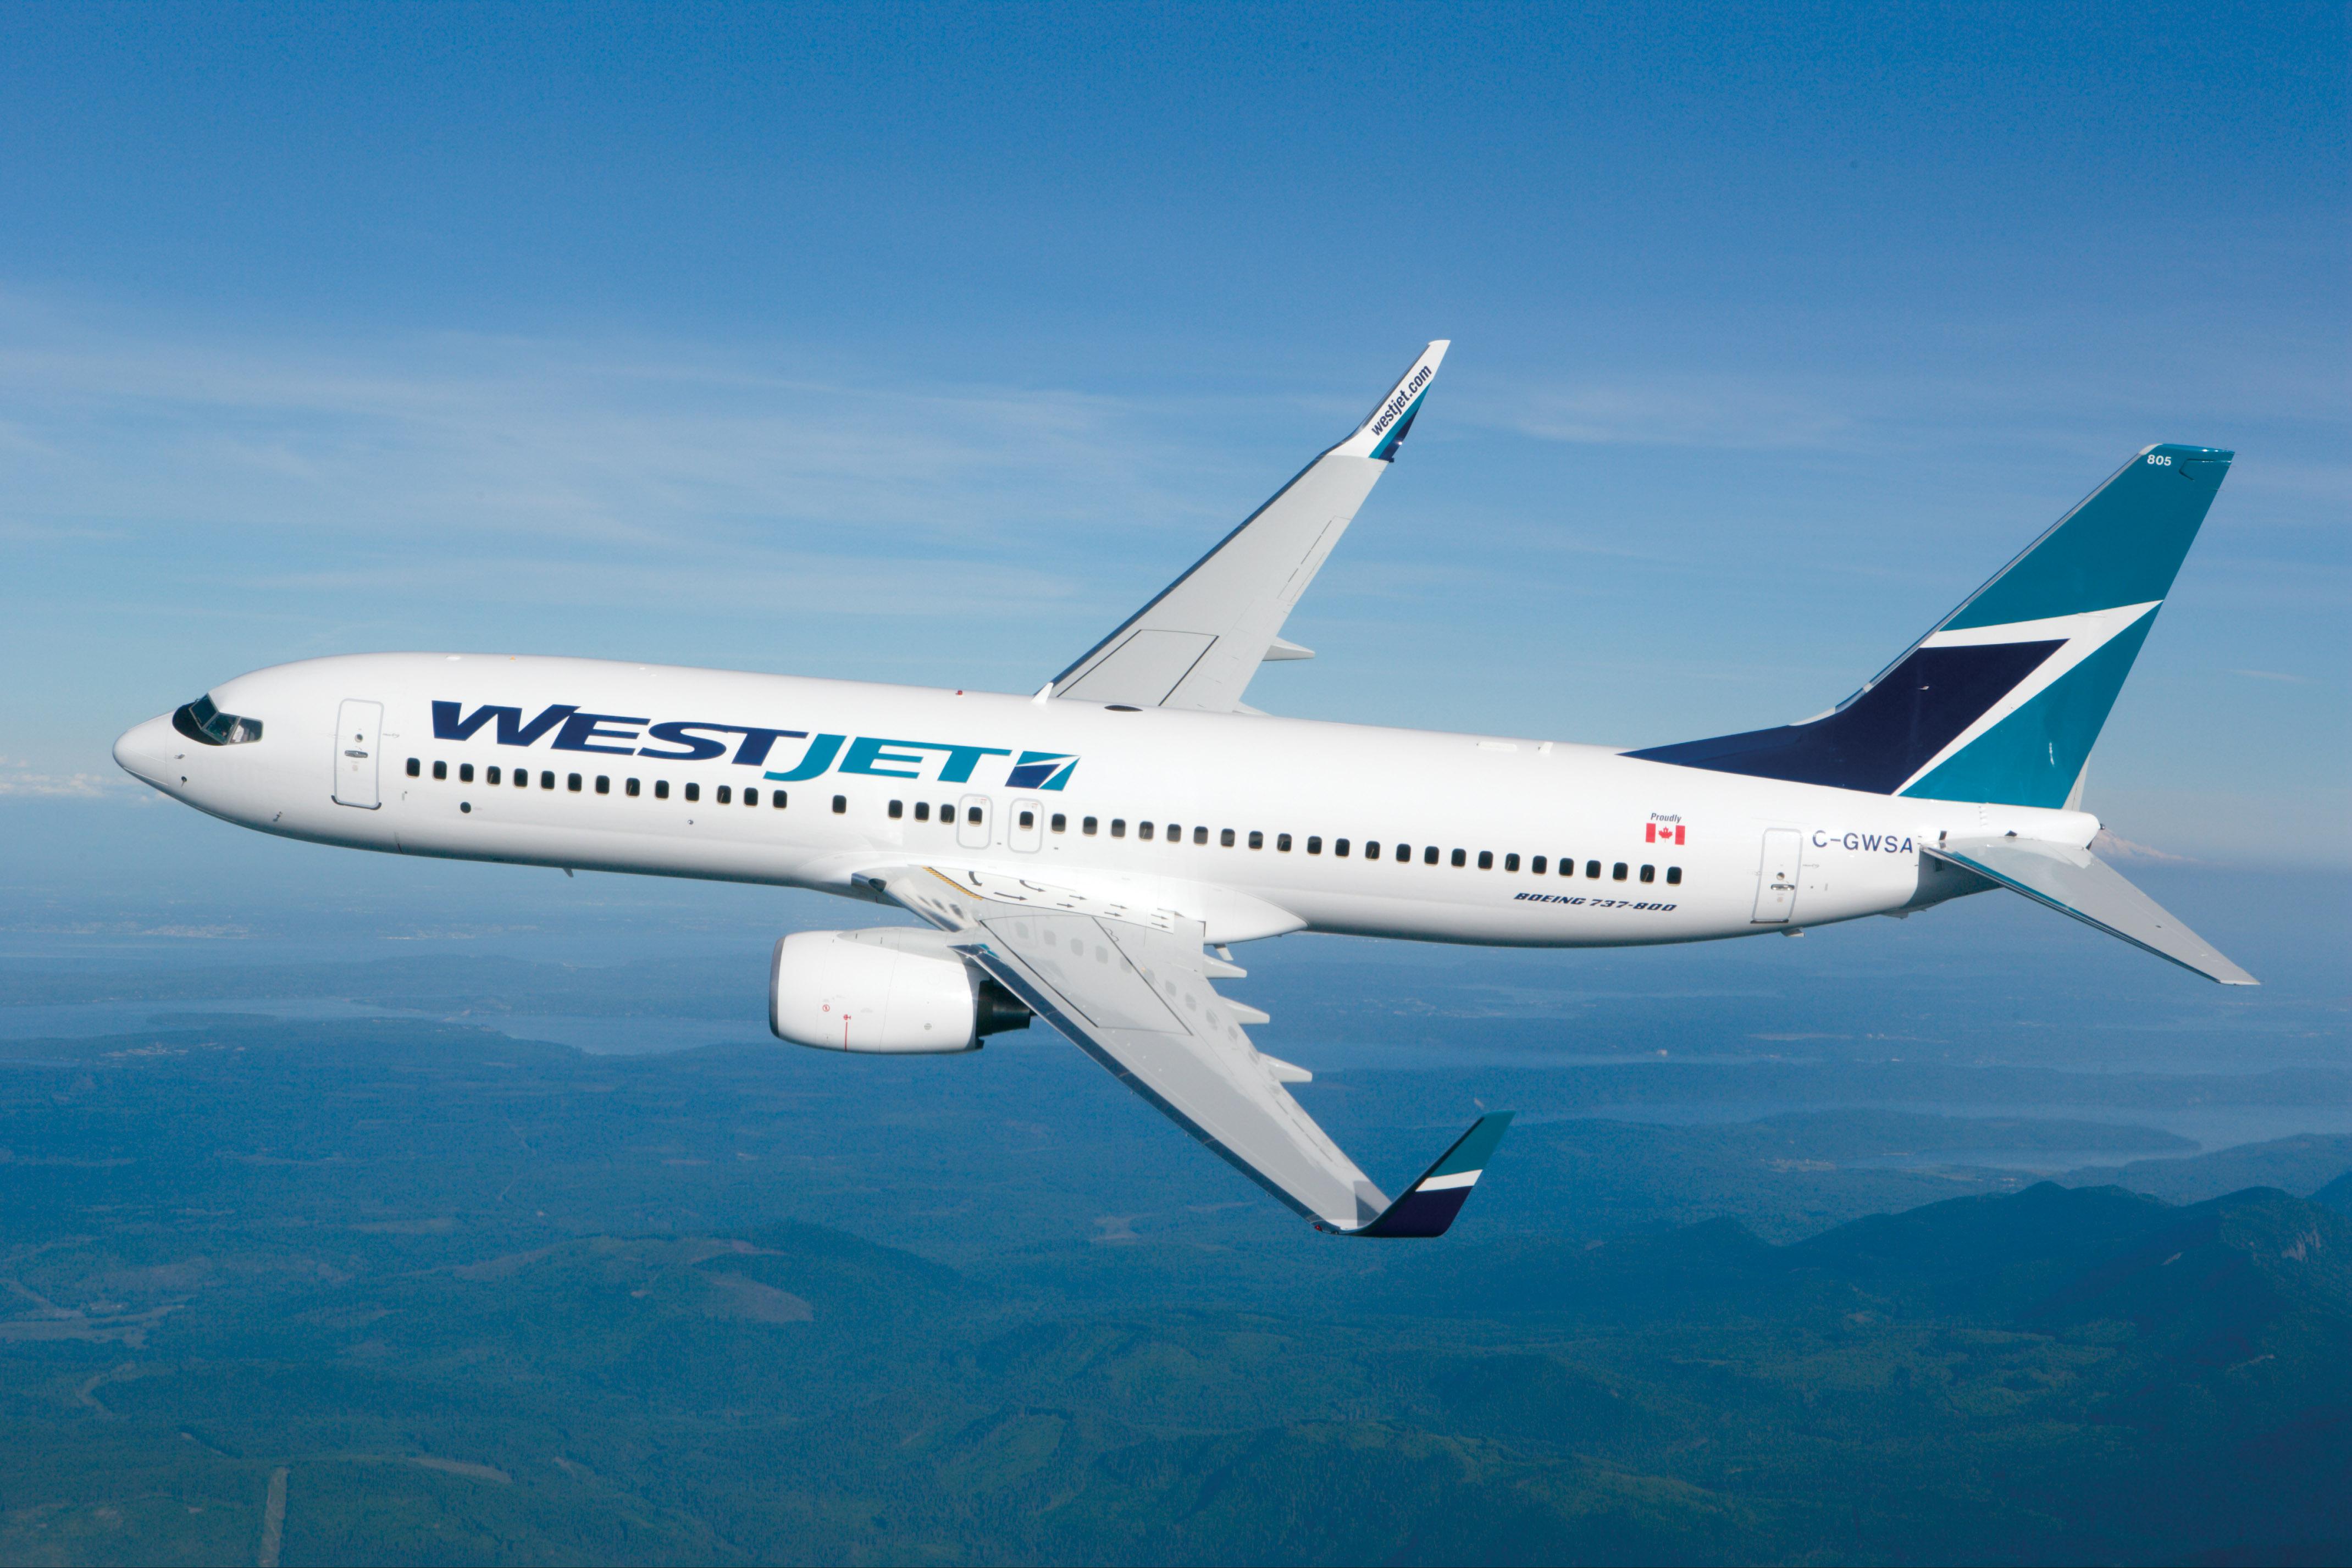 WestJet announces new routes, expanded service